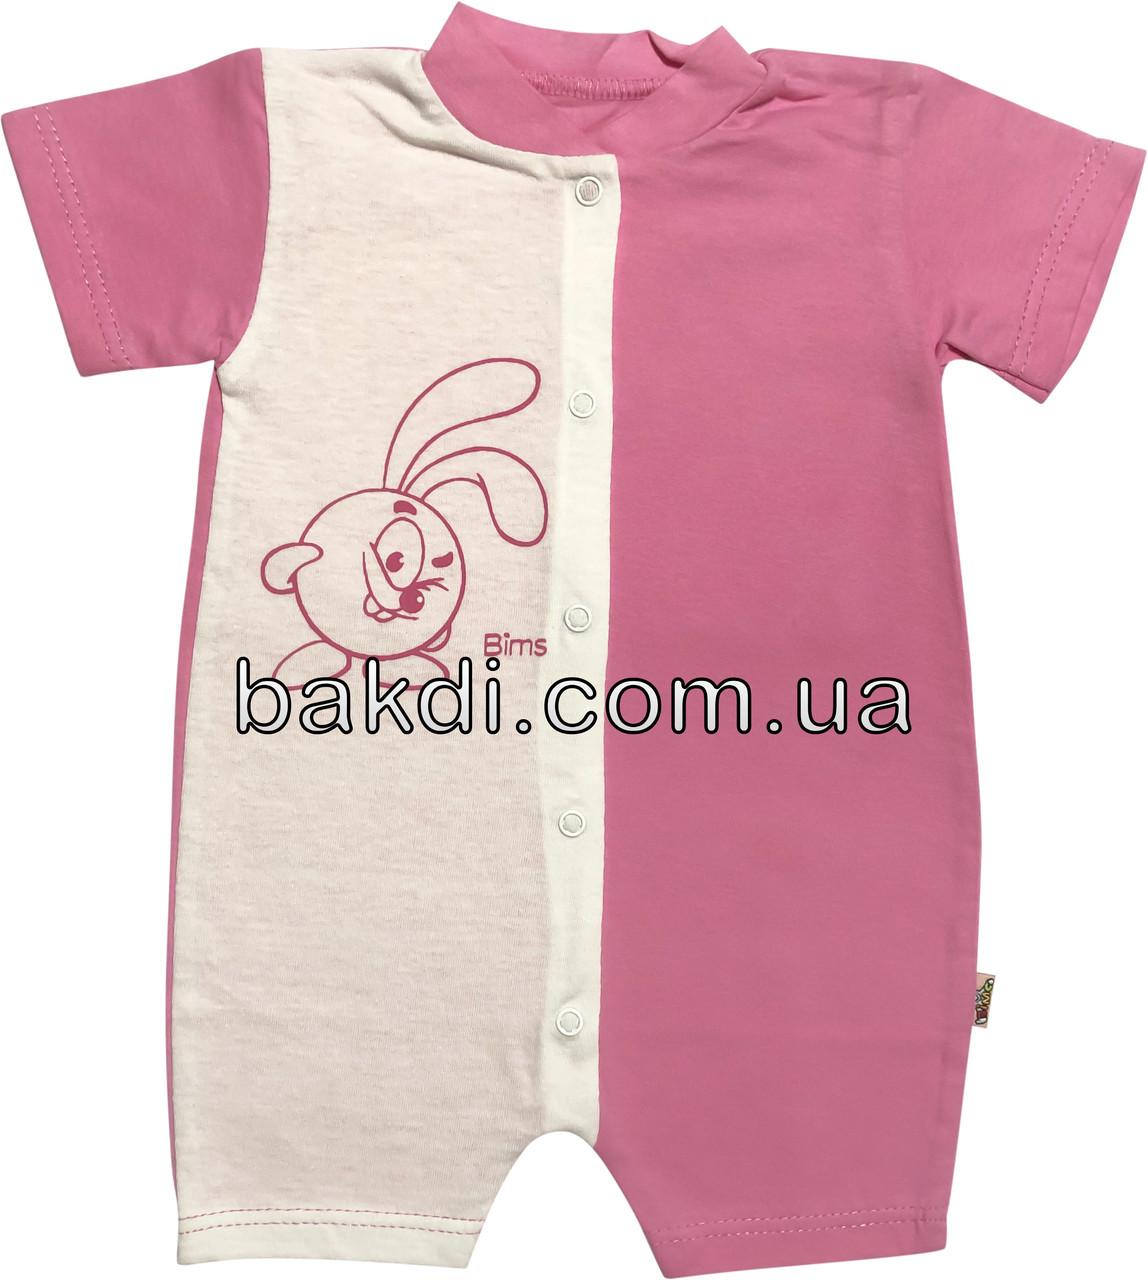 Детский летний тонкий песочник рост 56 0-2 мес хлопковый кулир розовый на девочку ромпер для новорожденных малышей Р530